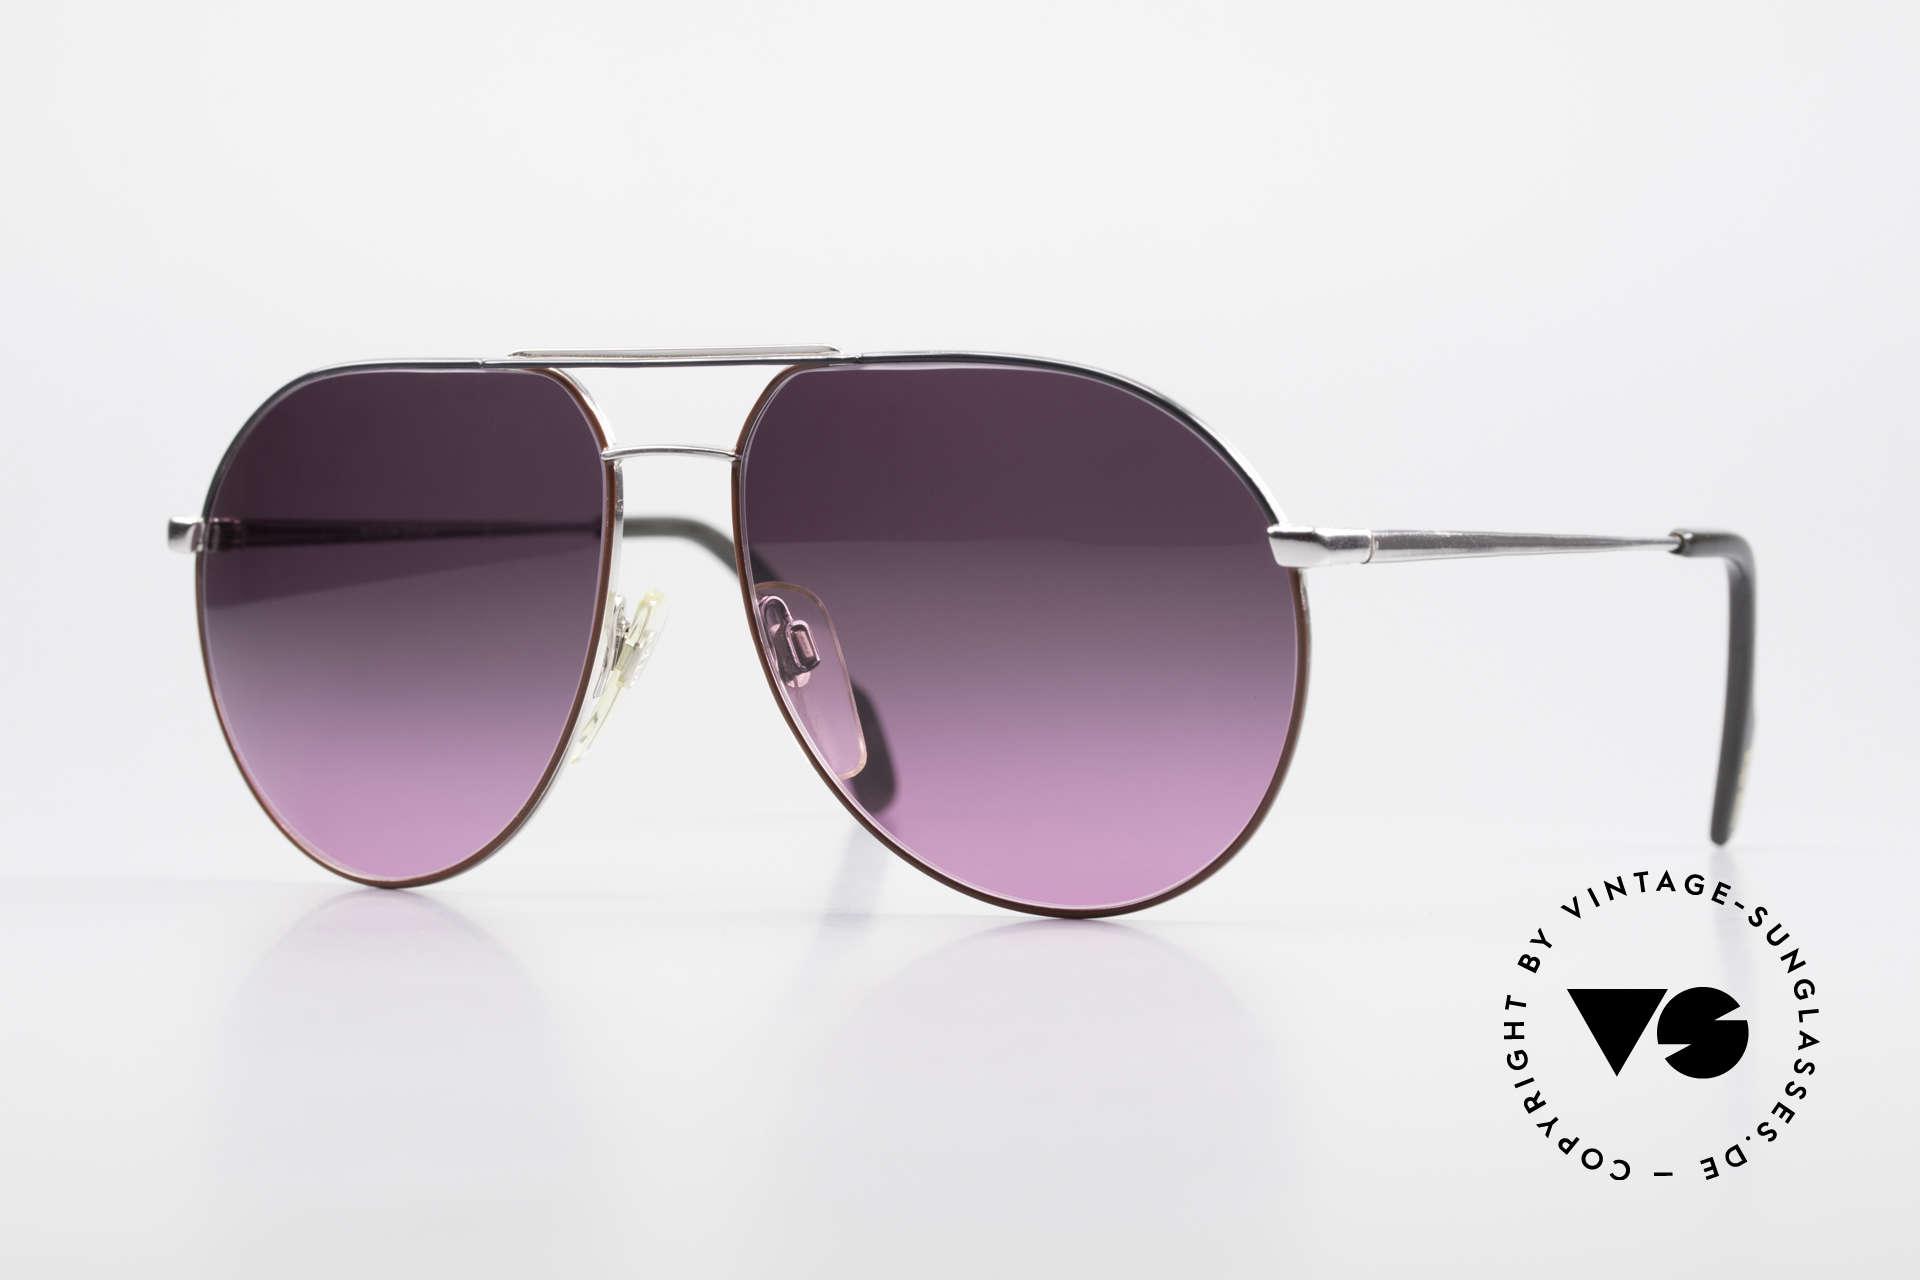 Metzler 0881 Rare 80er Aviator Sonnenbrille, klassische Aviator Sonnenbrille der 80er Jahre, Passend für Herren und Damen